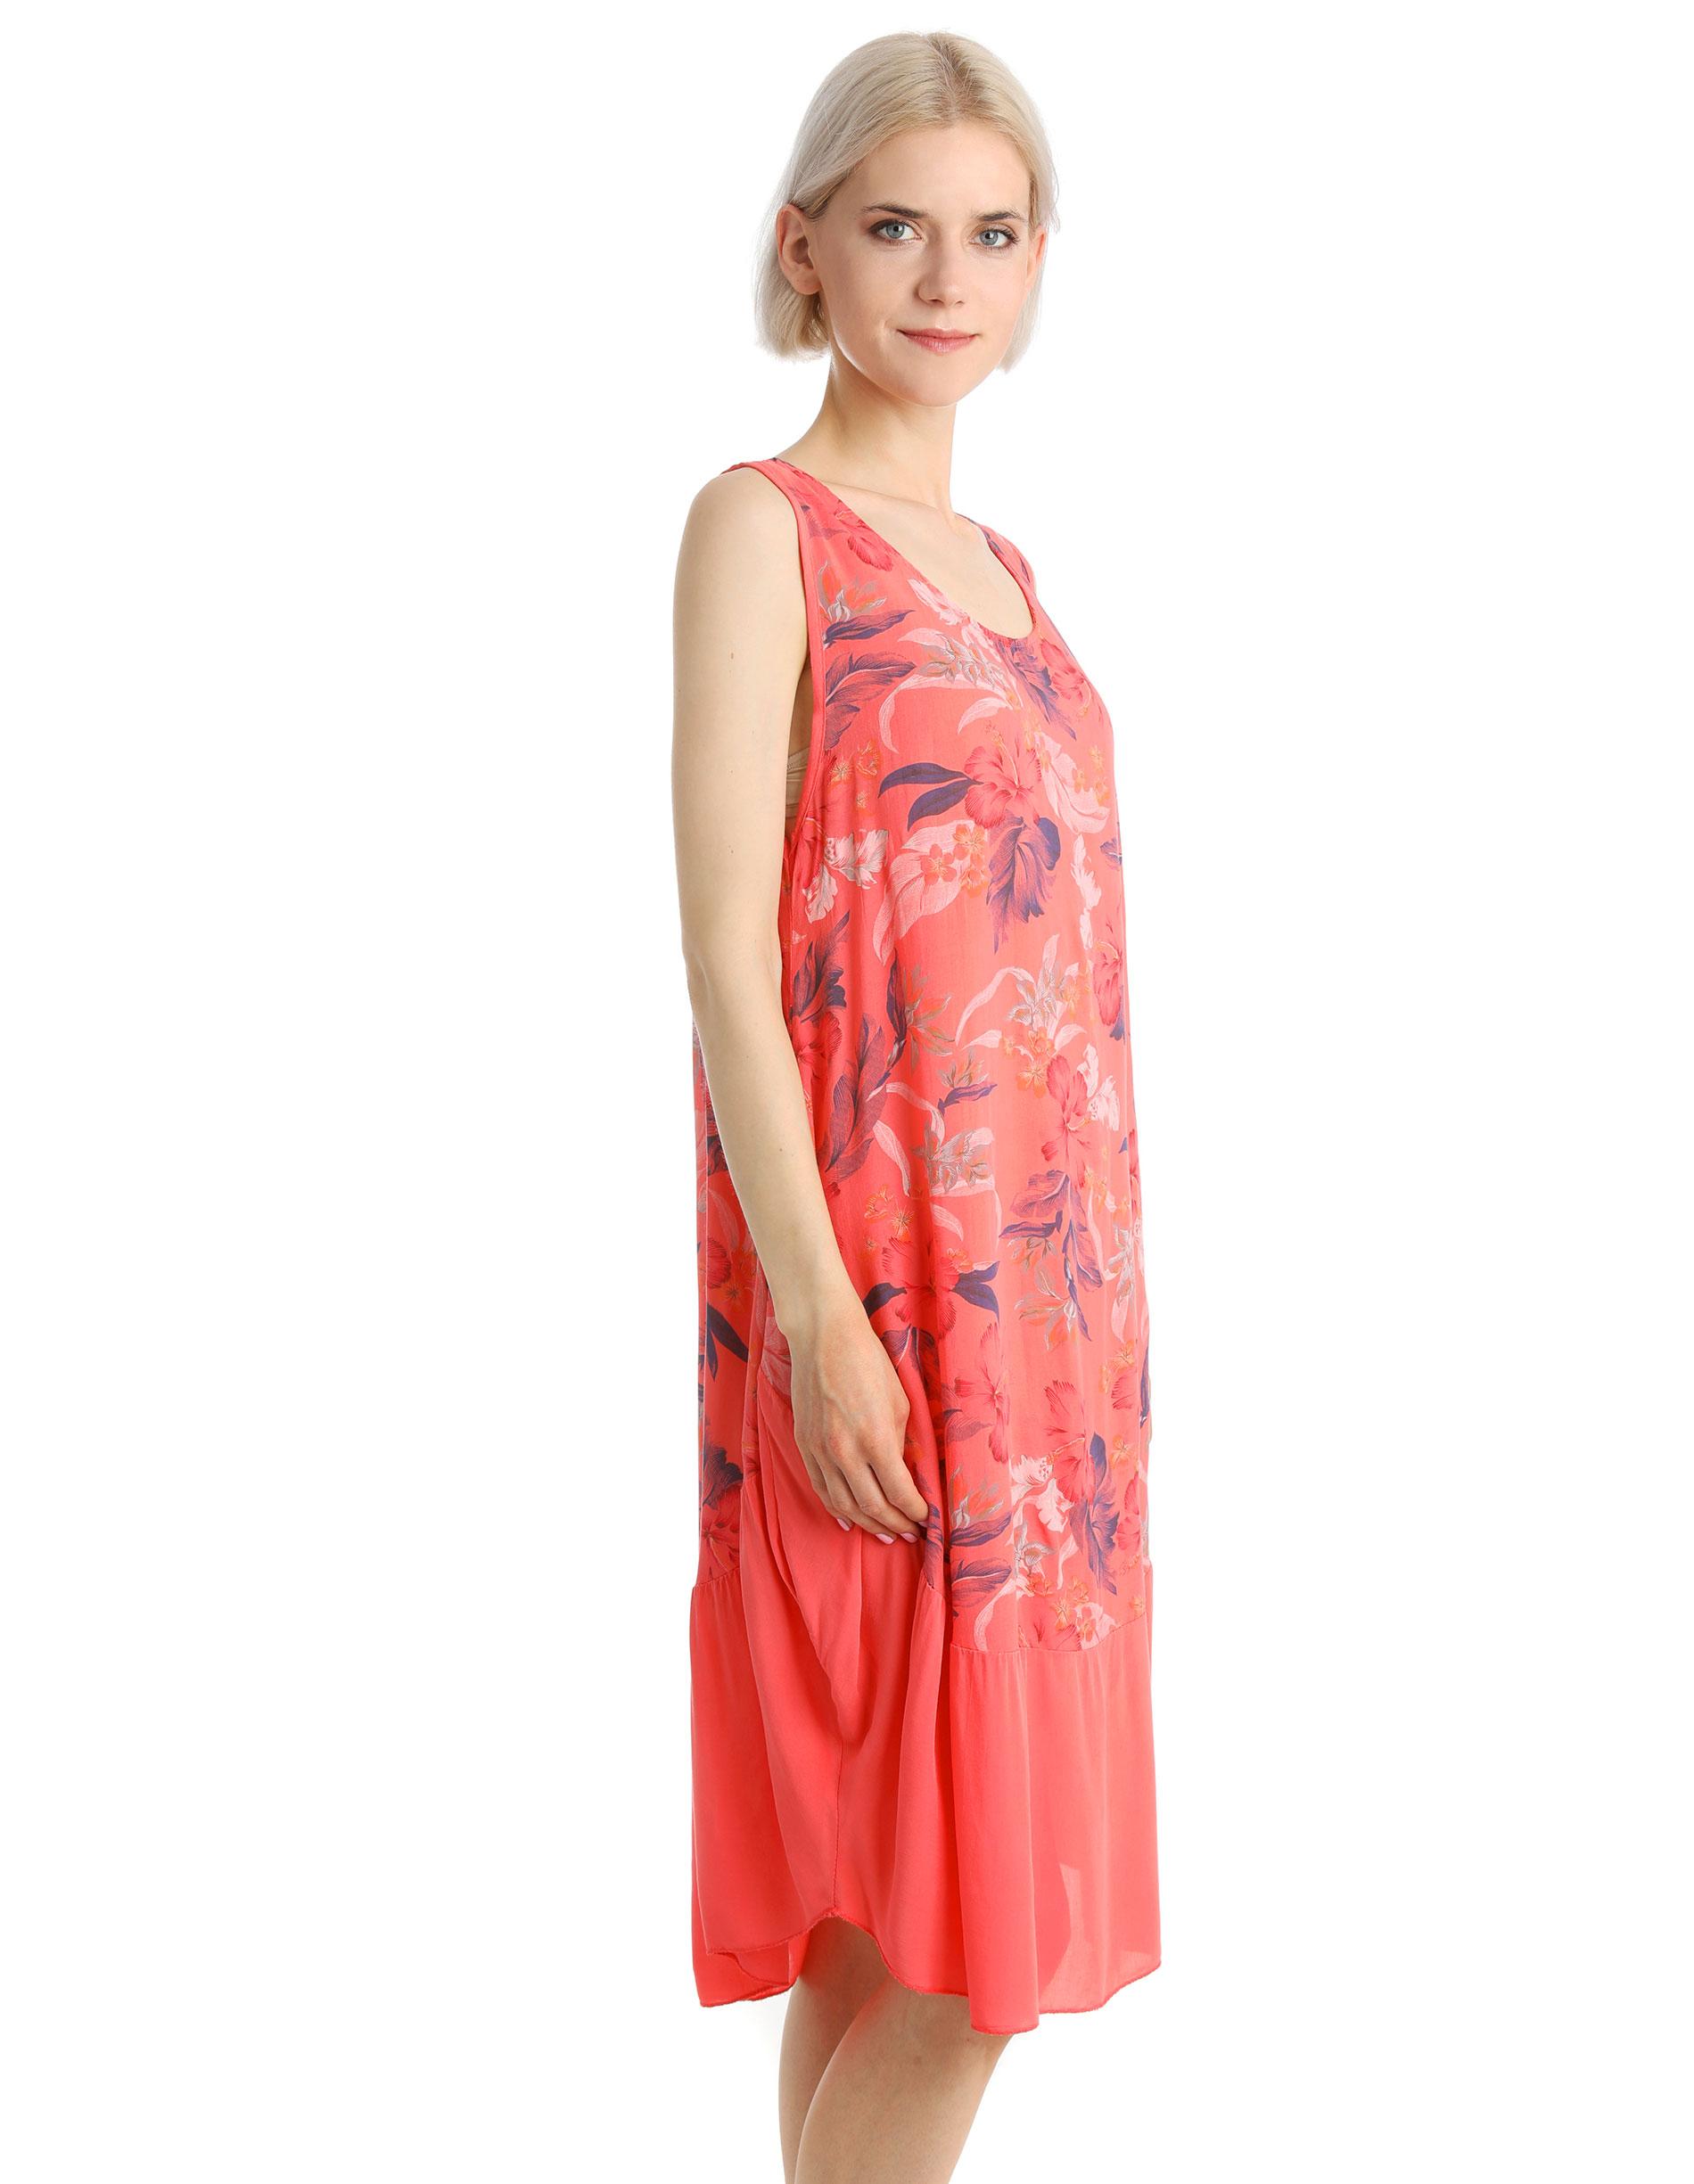 Sukienka - 15-2902 CORAL - Unisono